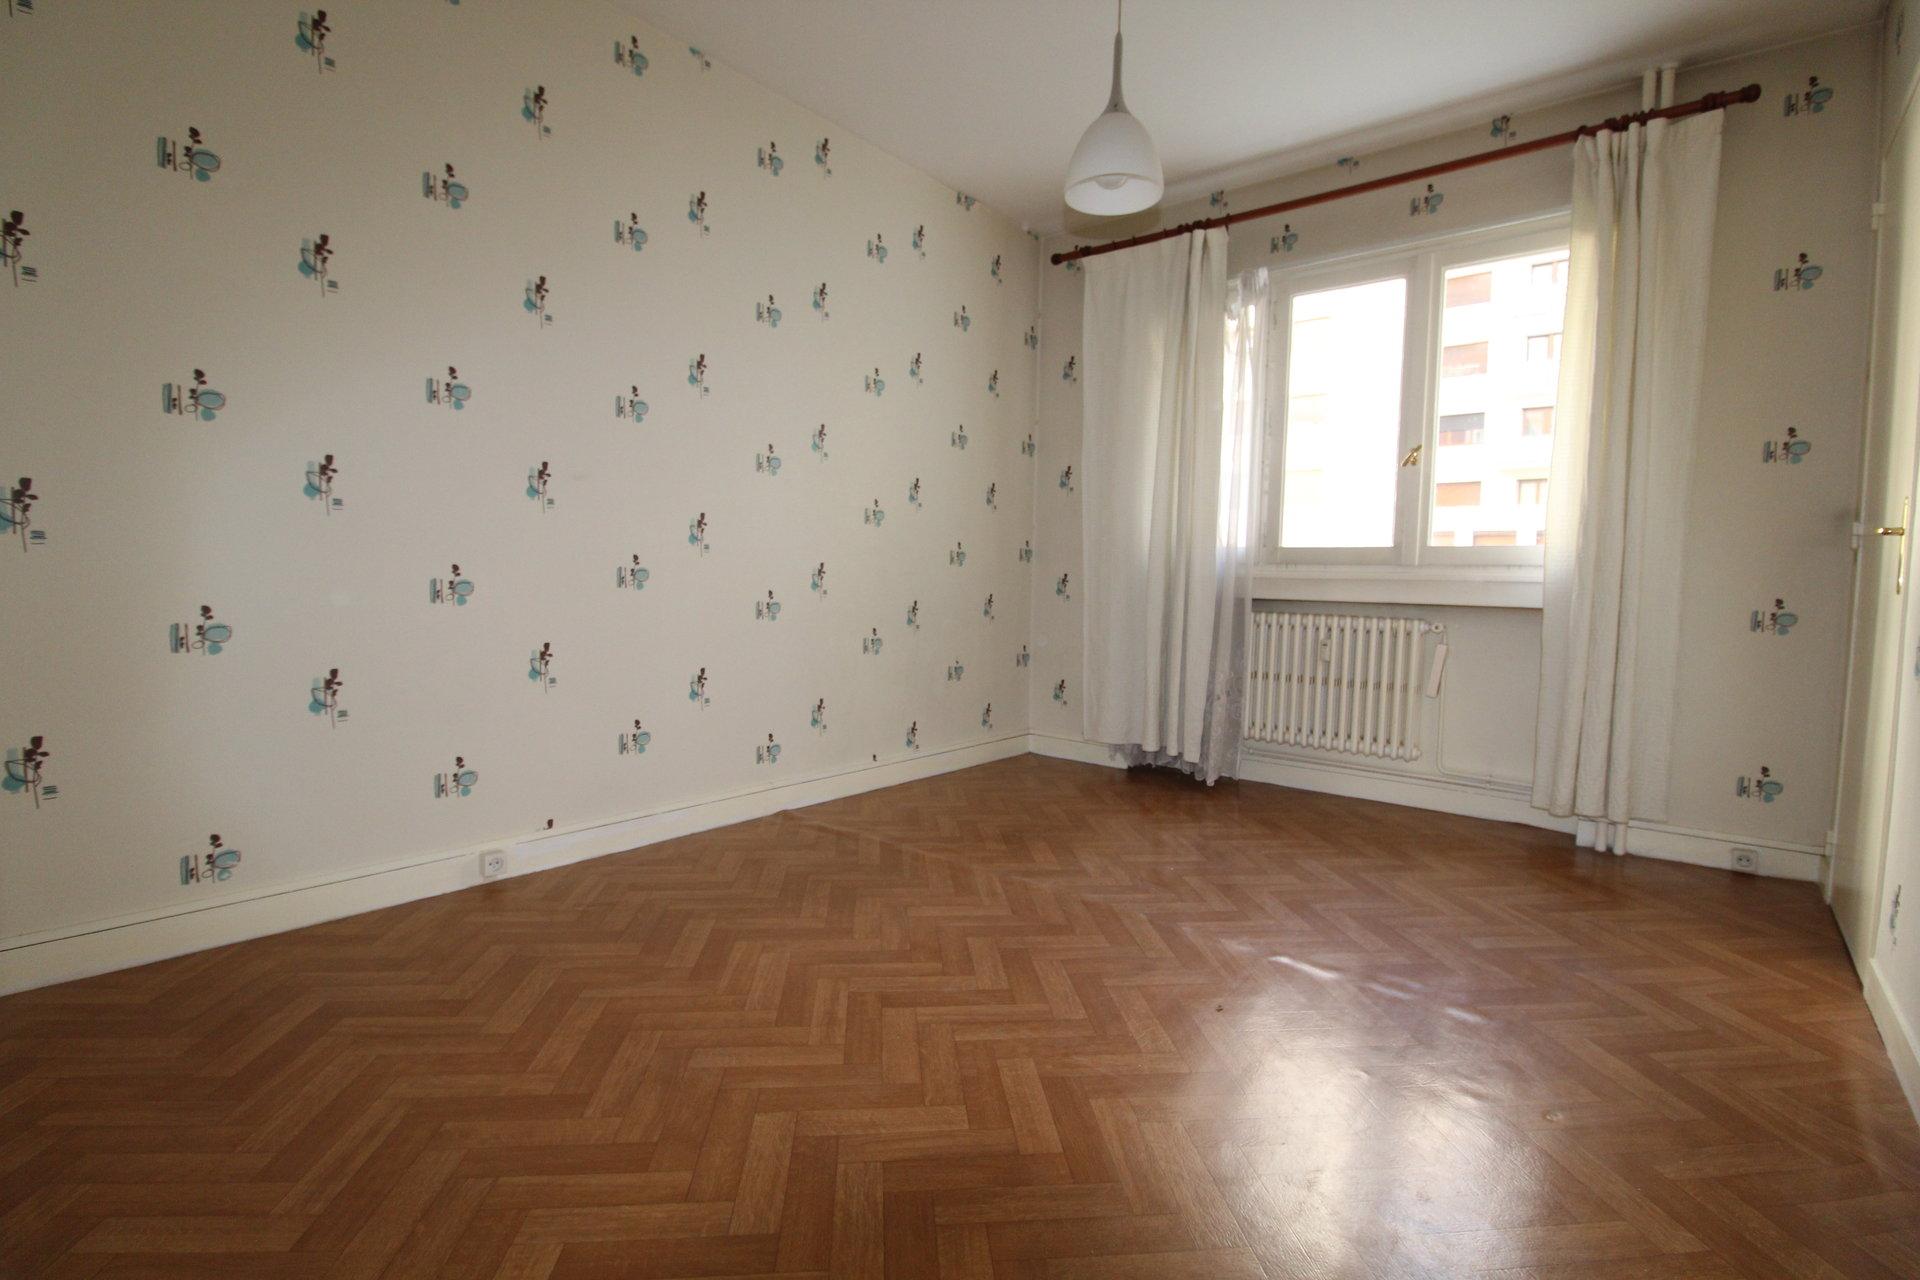 Appartement Chavanelle 3 pièces 63,65m2 avec balcon